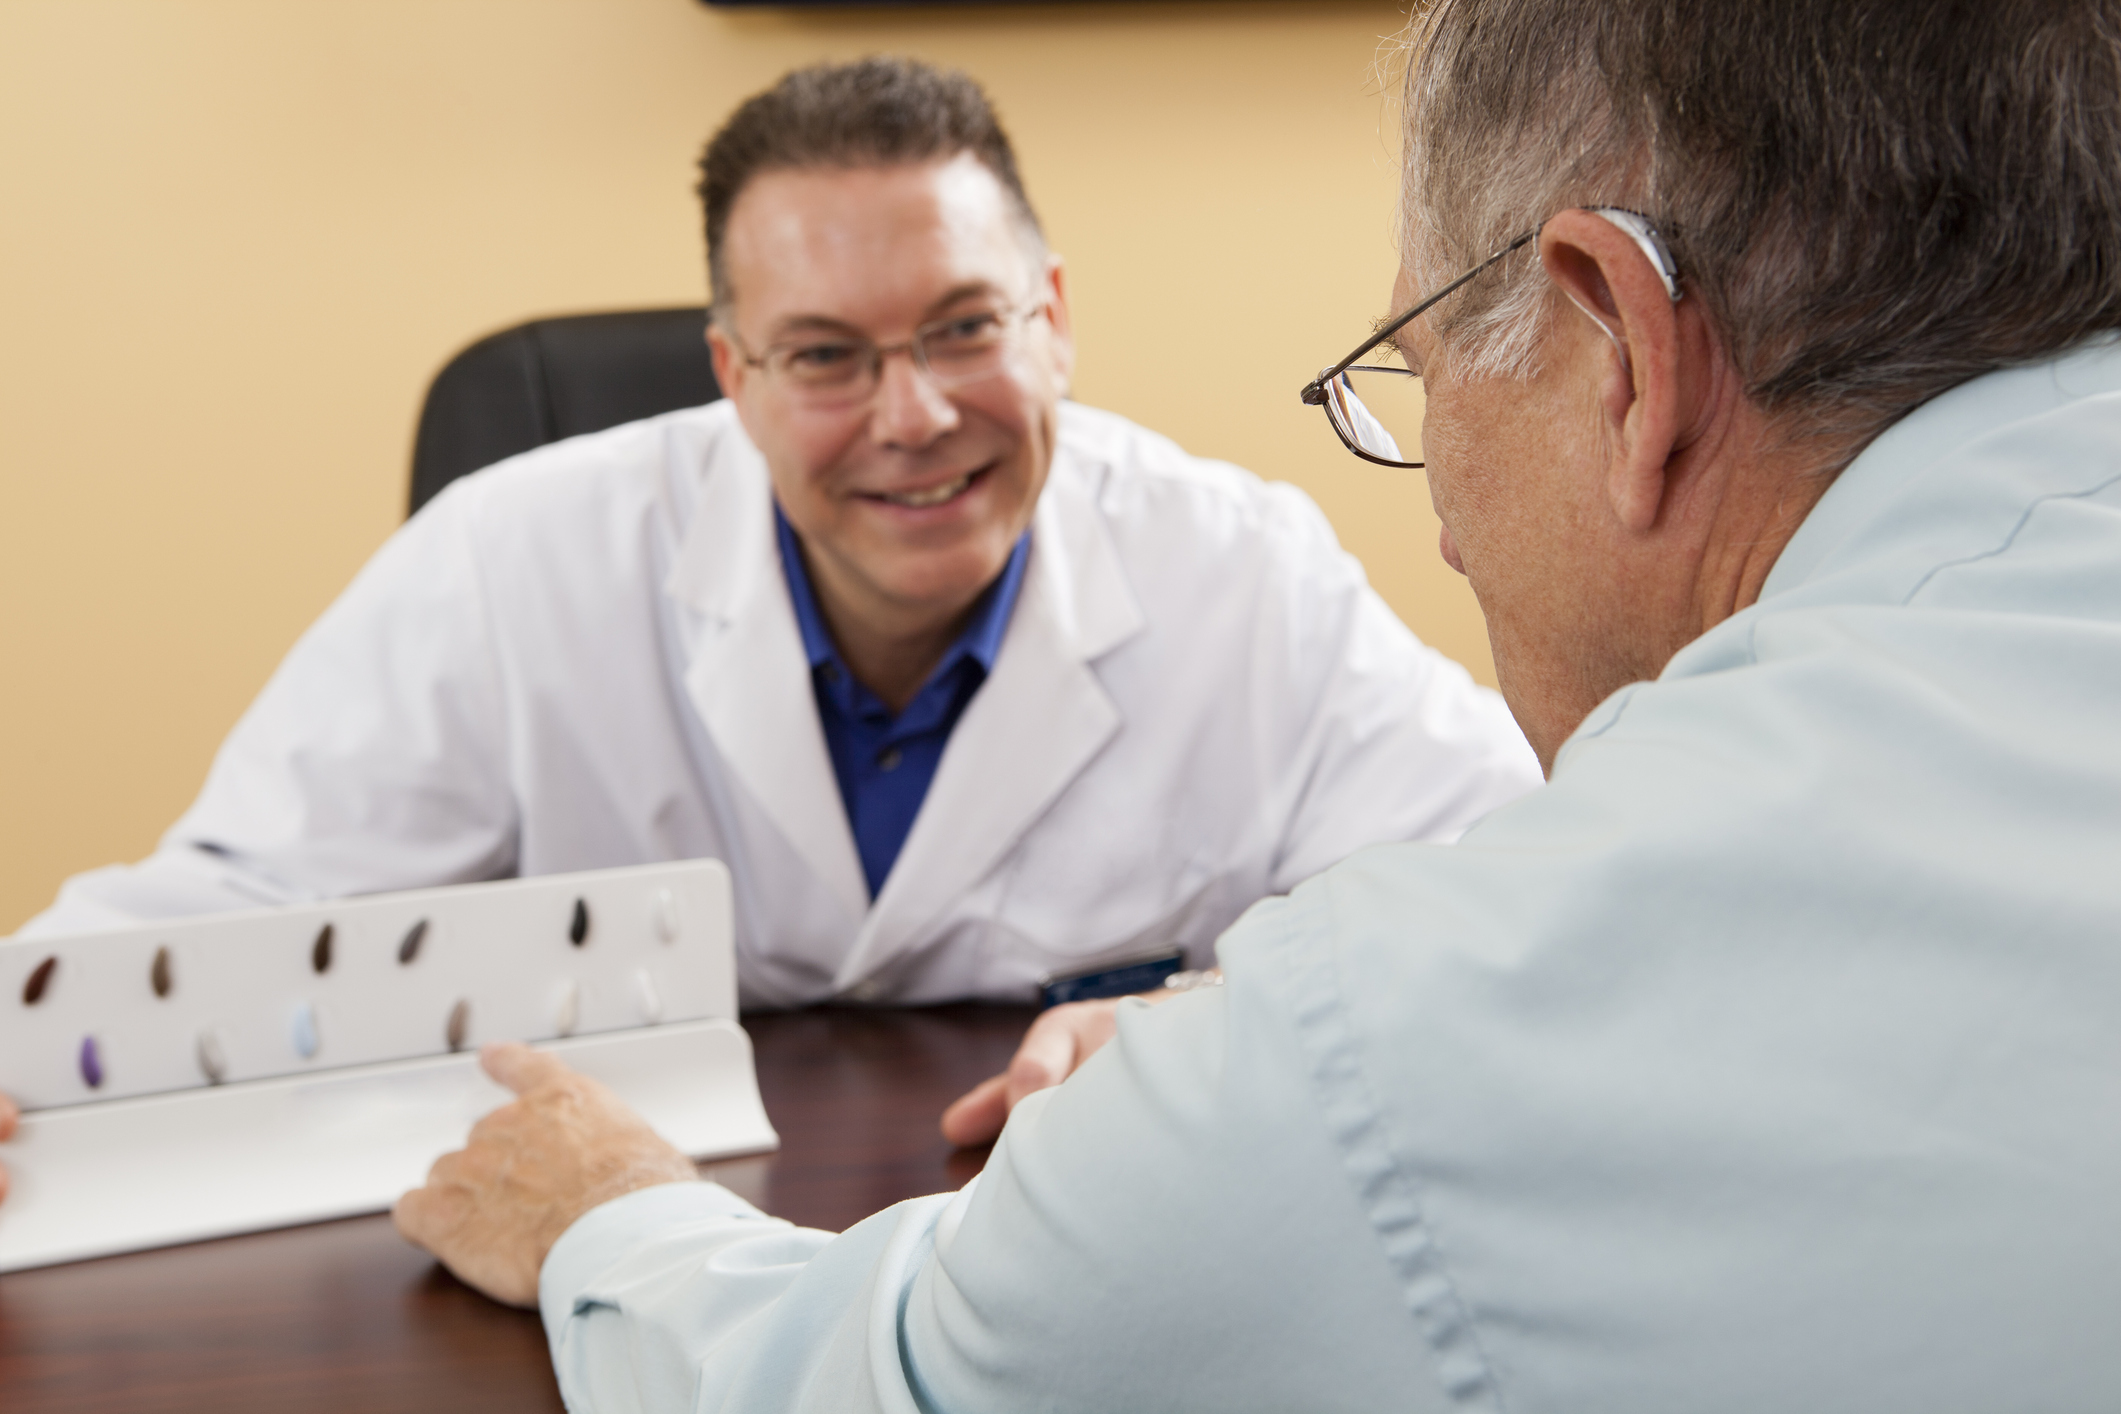 Common hearing loss myths debunked